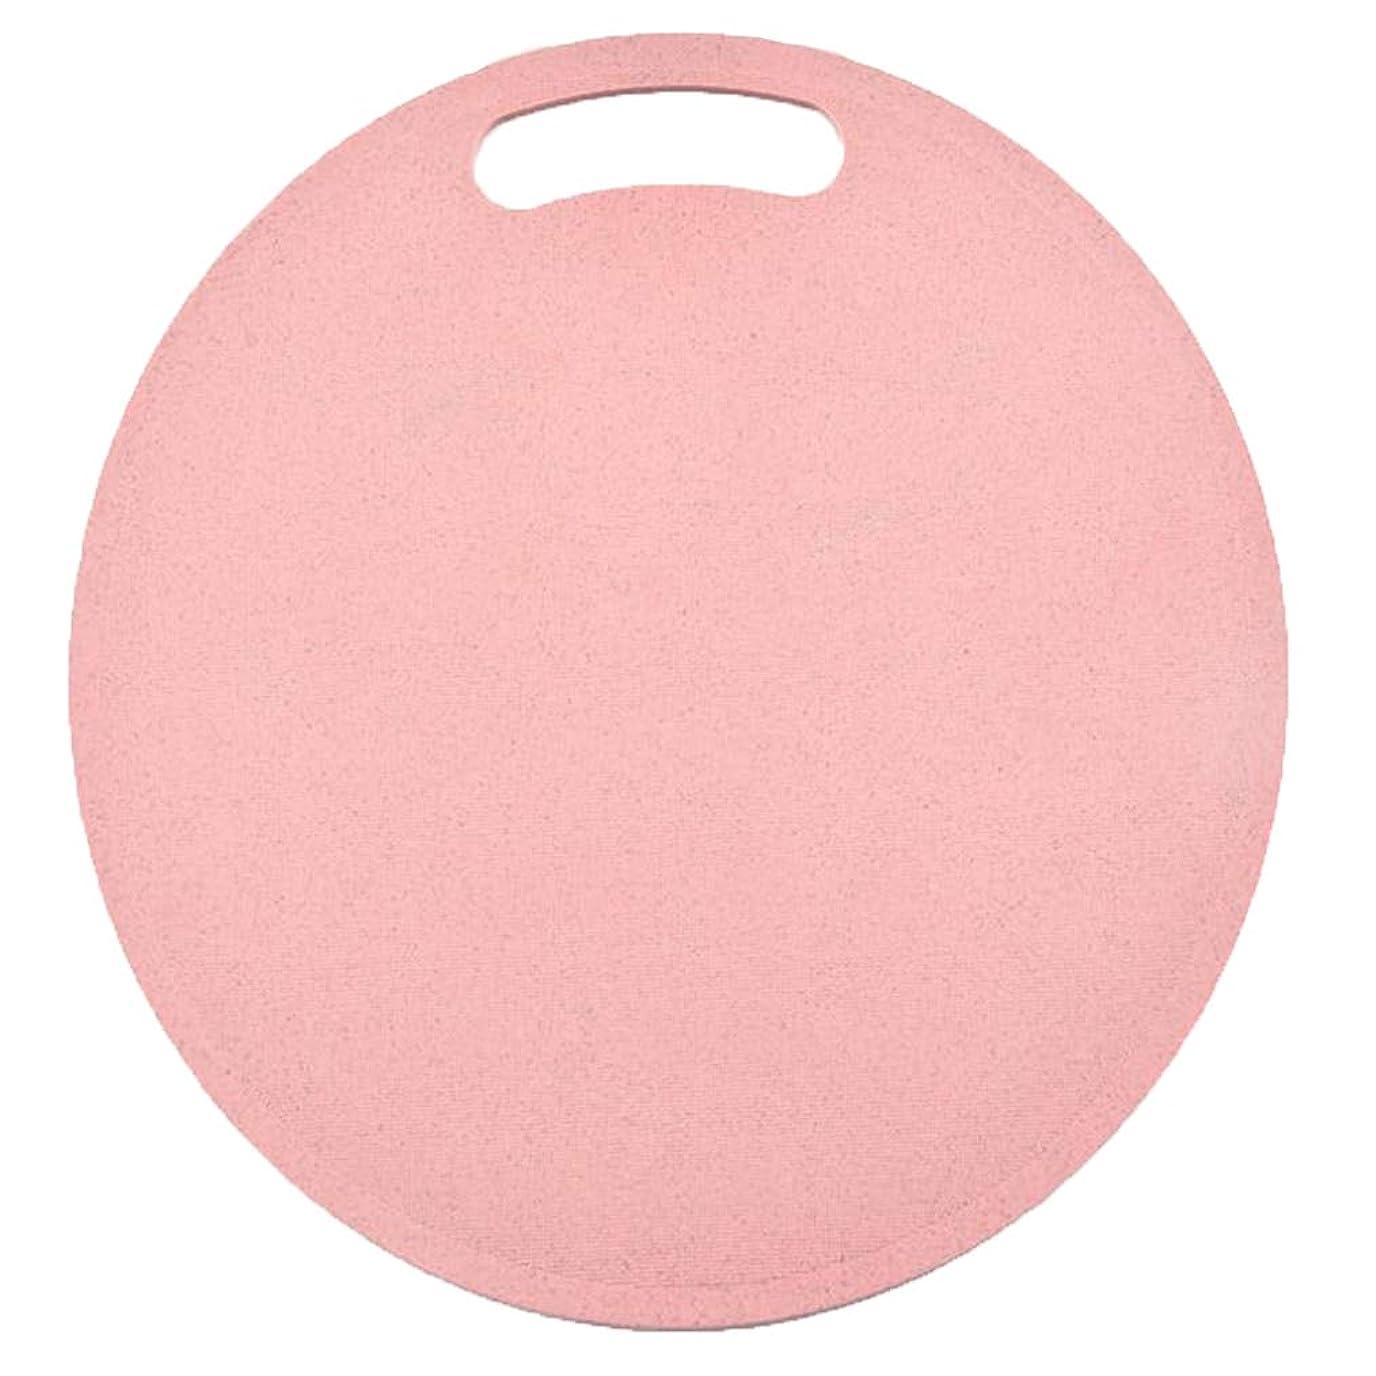 アクション秘密の宿命Cngstar 丸め小麦わら まな板 世帯 キッチン まな板 ? プラスチックフルーツ まな板 (ピンク)